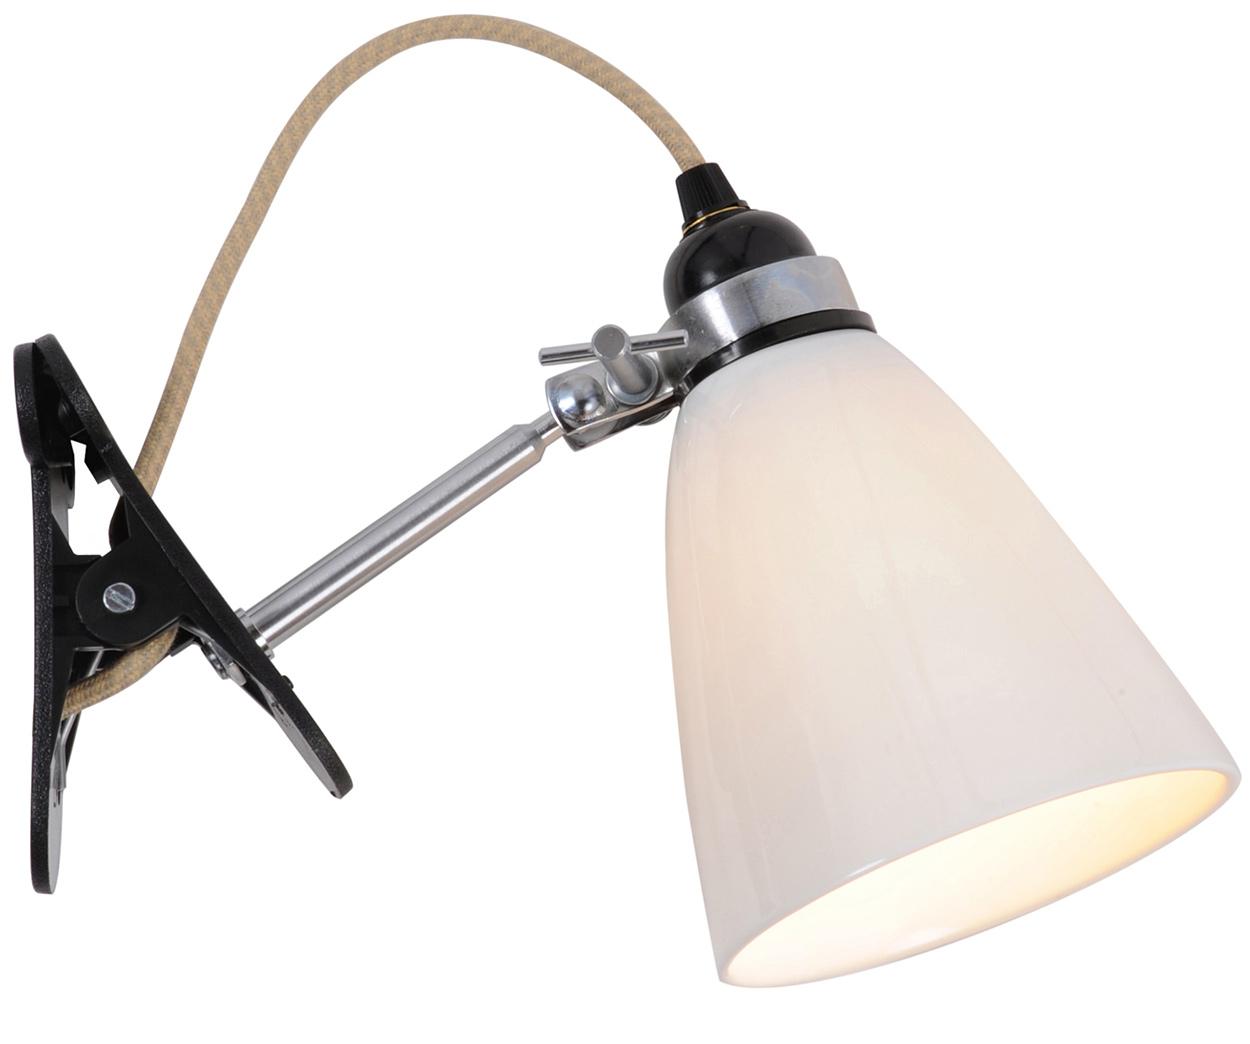 verstellbare klemm leuchte mit porzellanschirm casa lumi. Black Bedroom Furniture Sets. Home Design Ideas